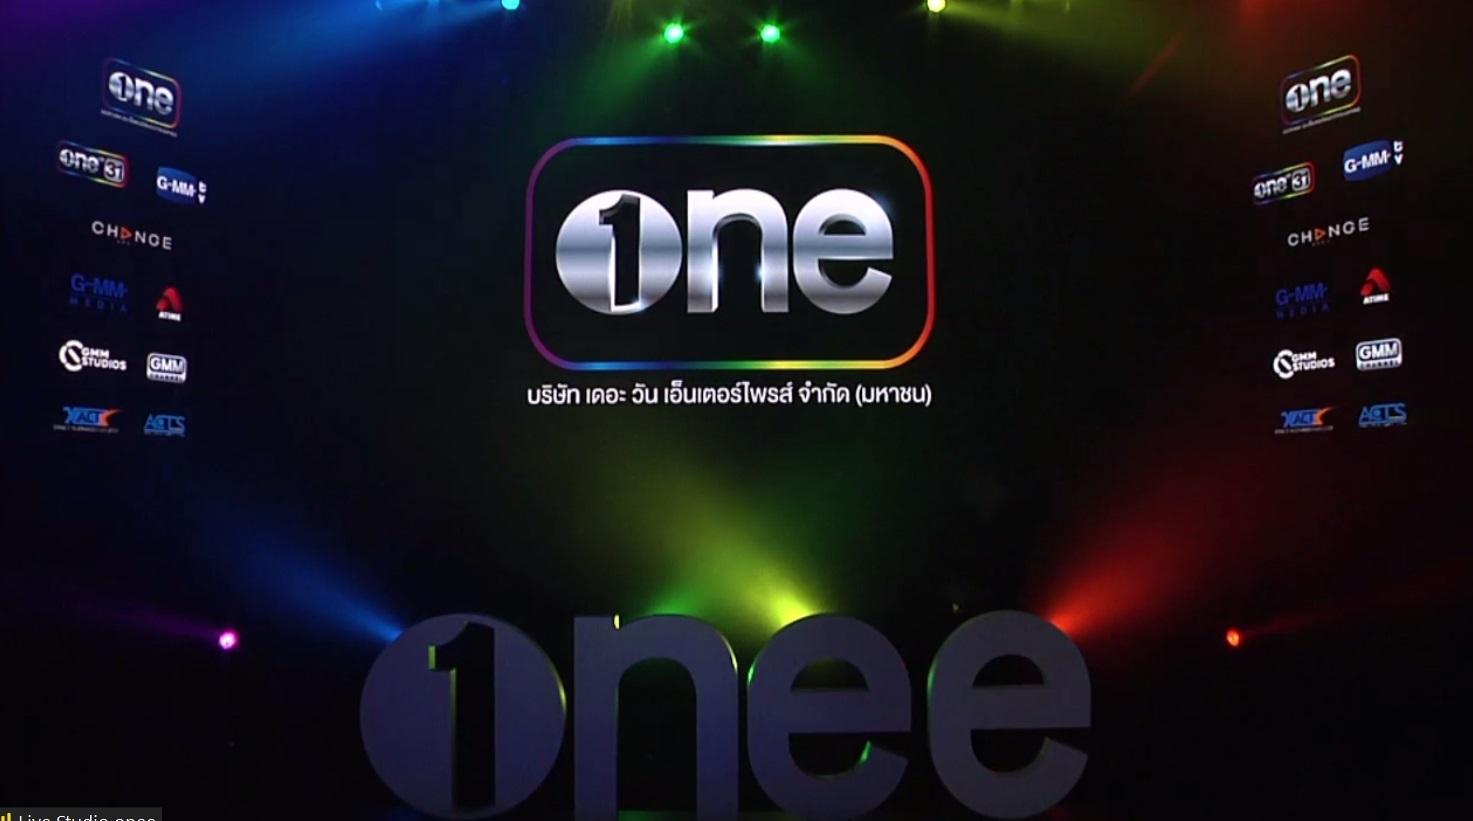 onee 10